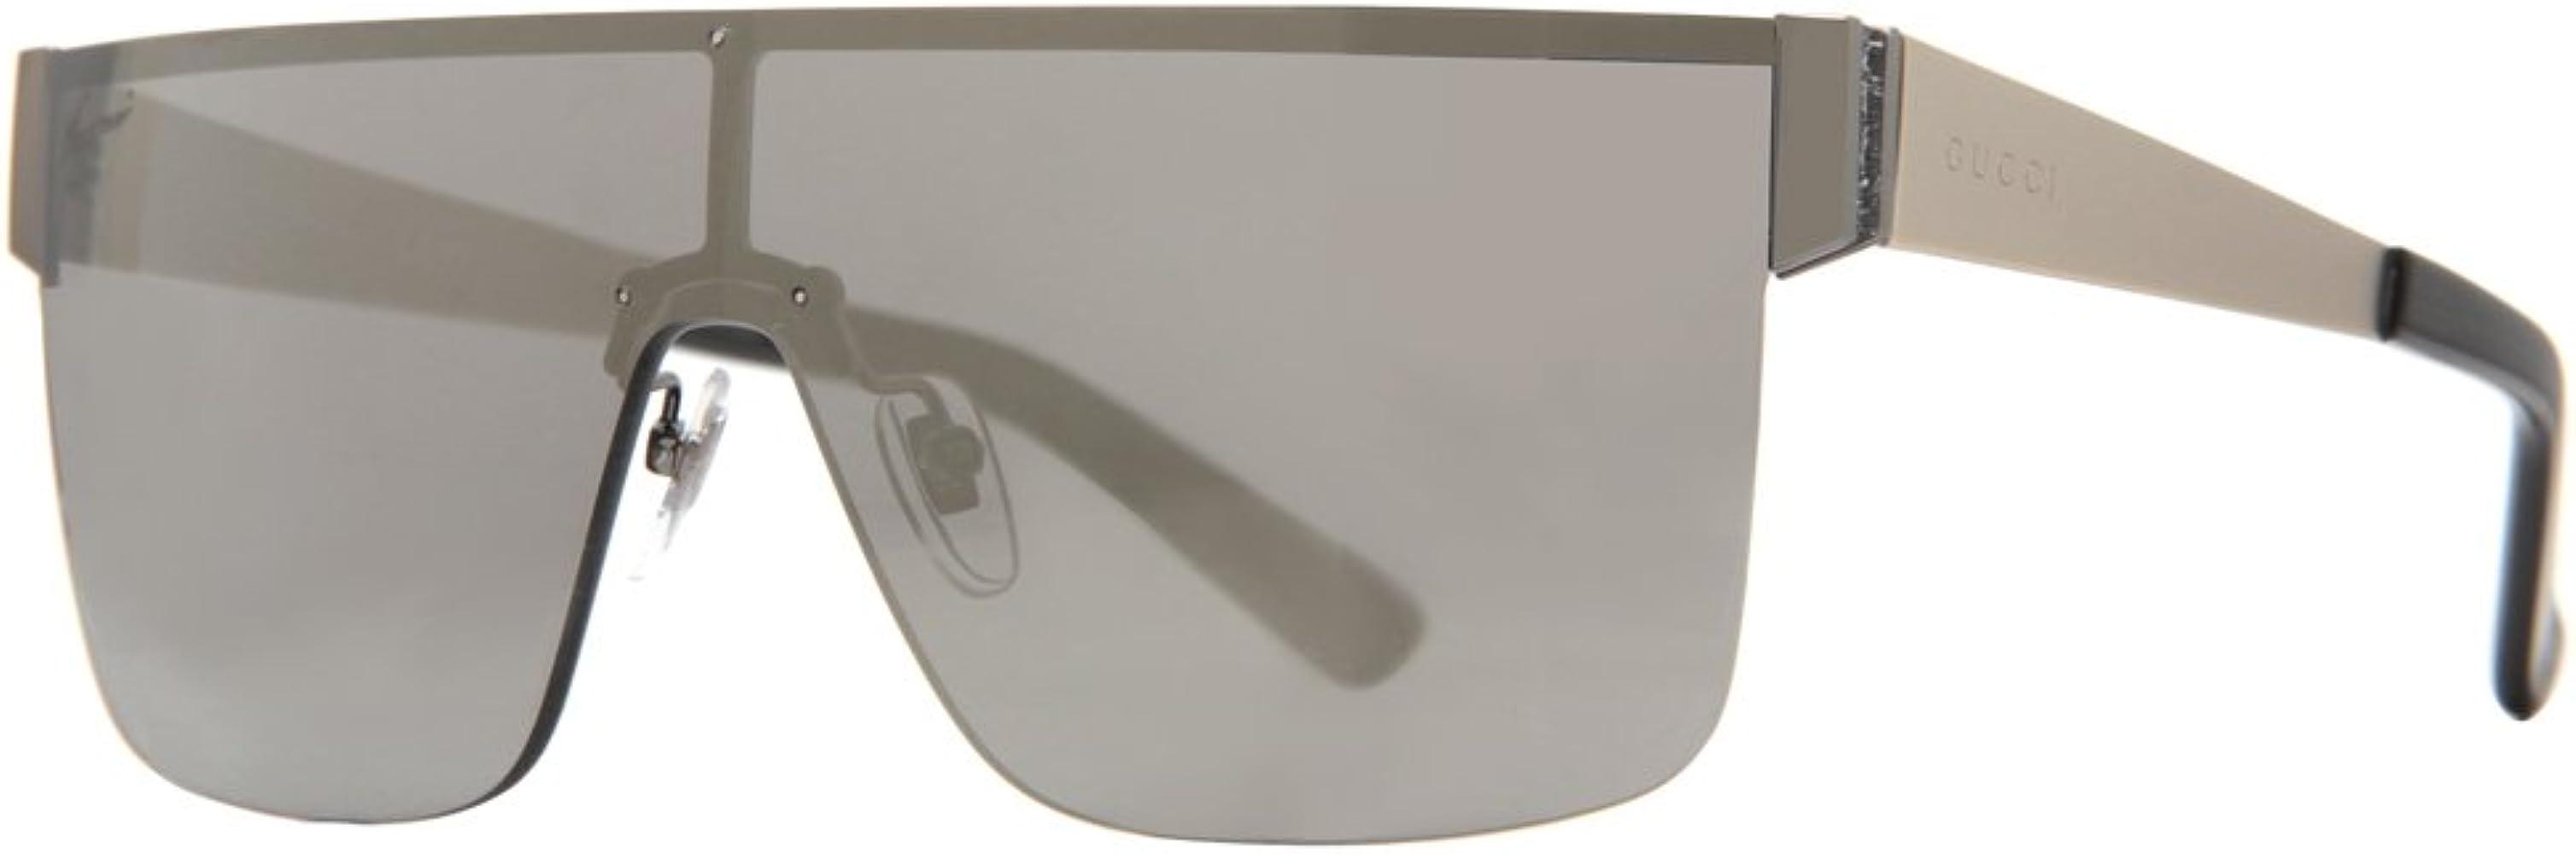 Gafas de Sol Gucci GG 4265/S RUTH GOLD: Amazon.es: Ropa y accesorios